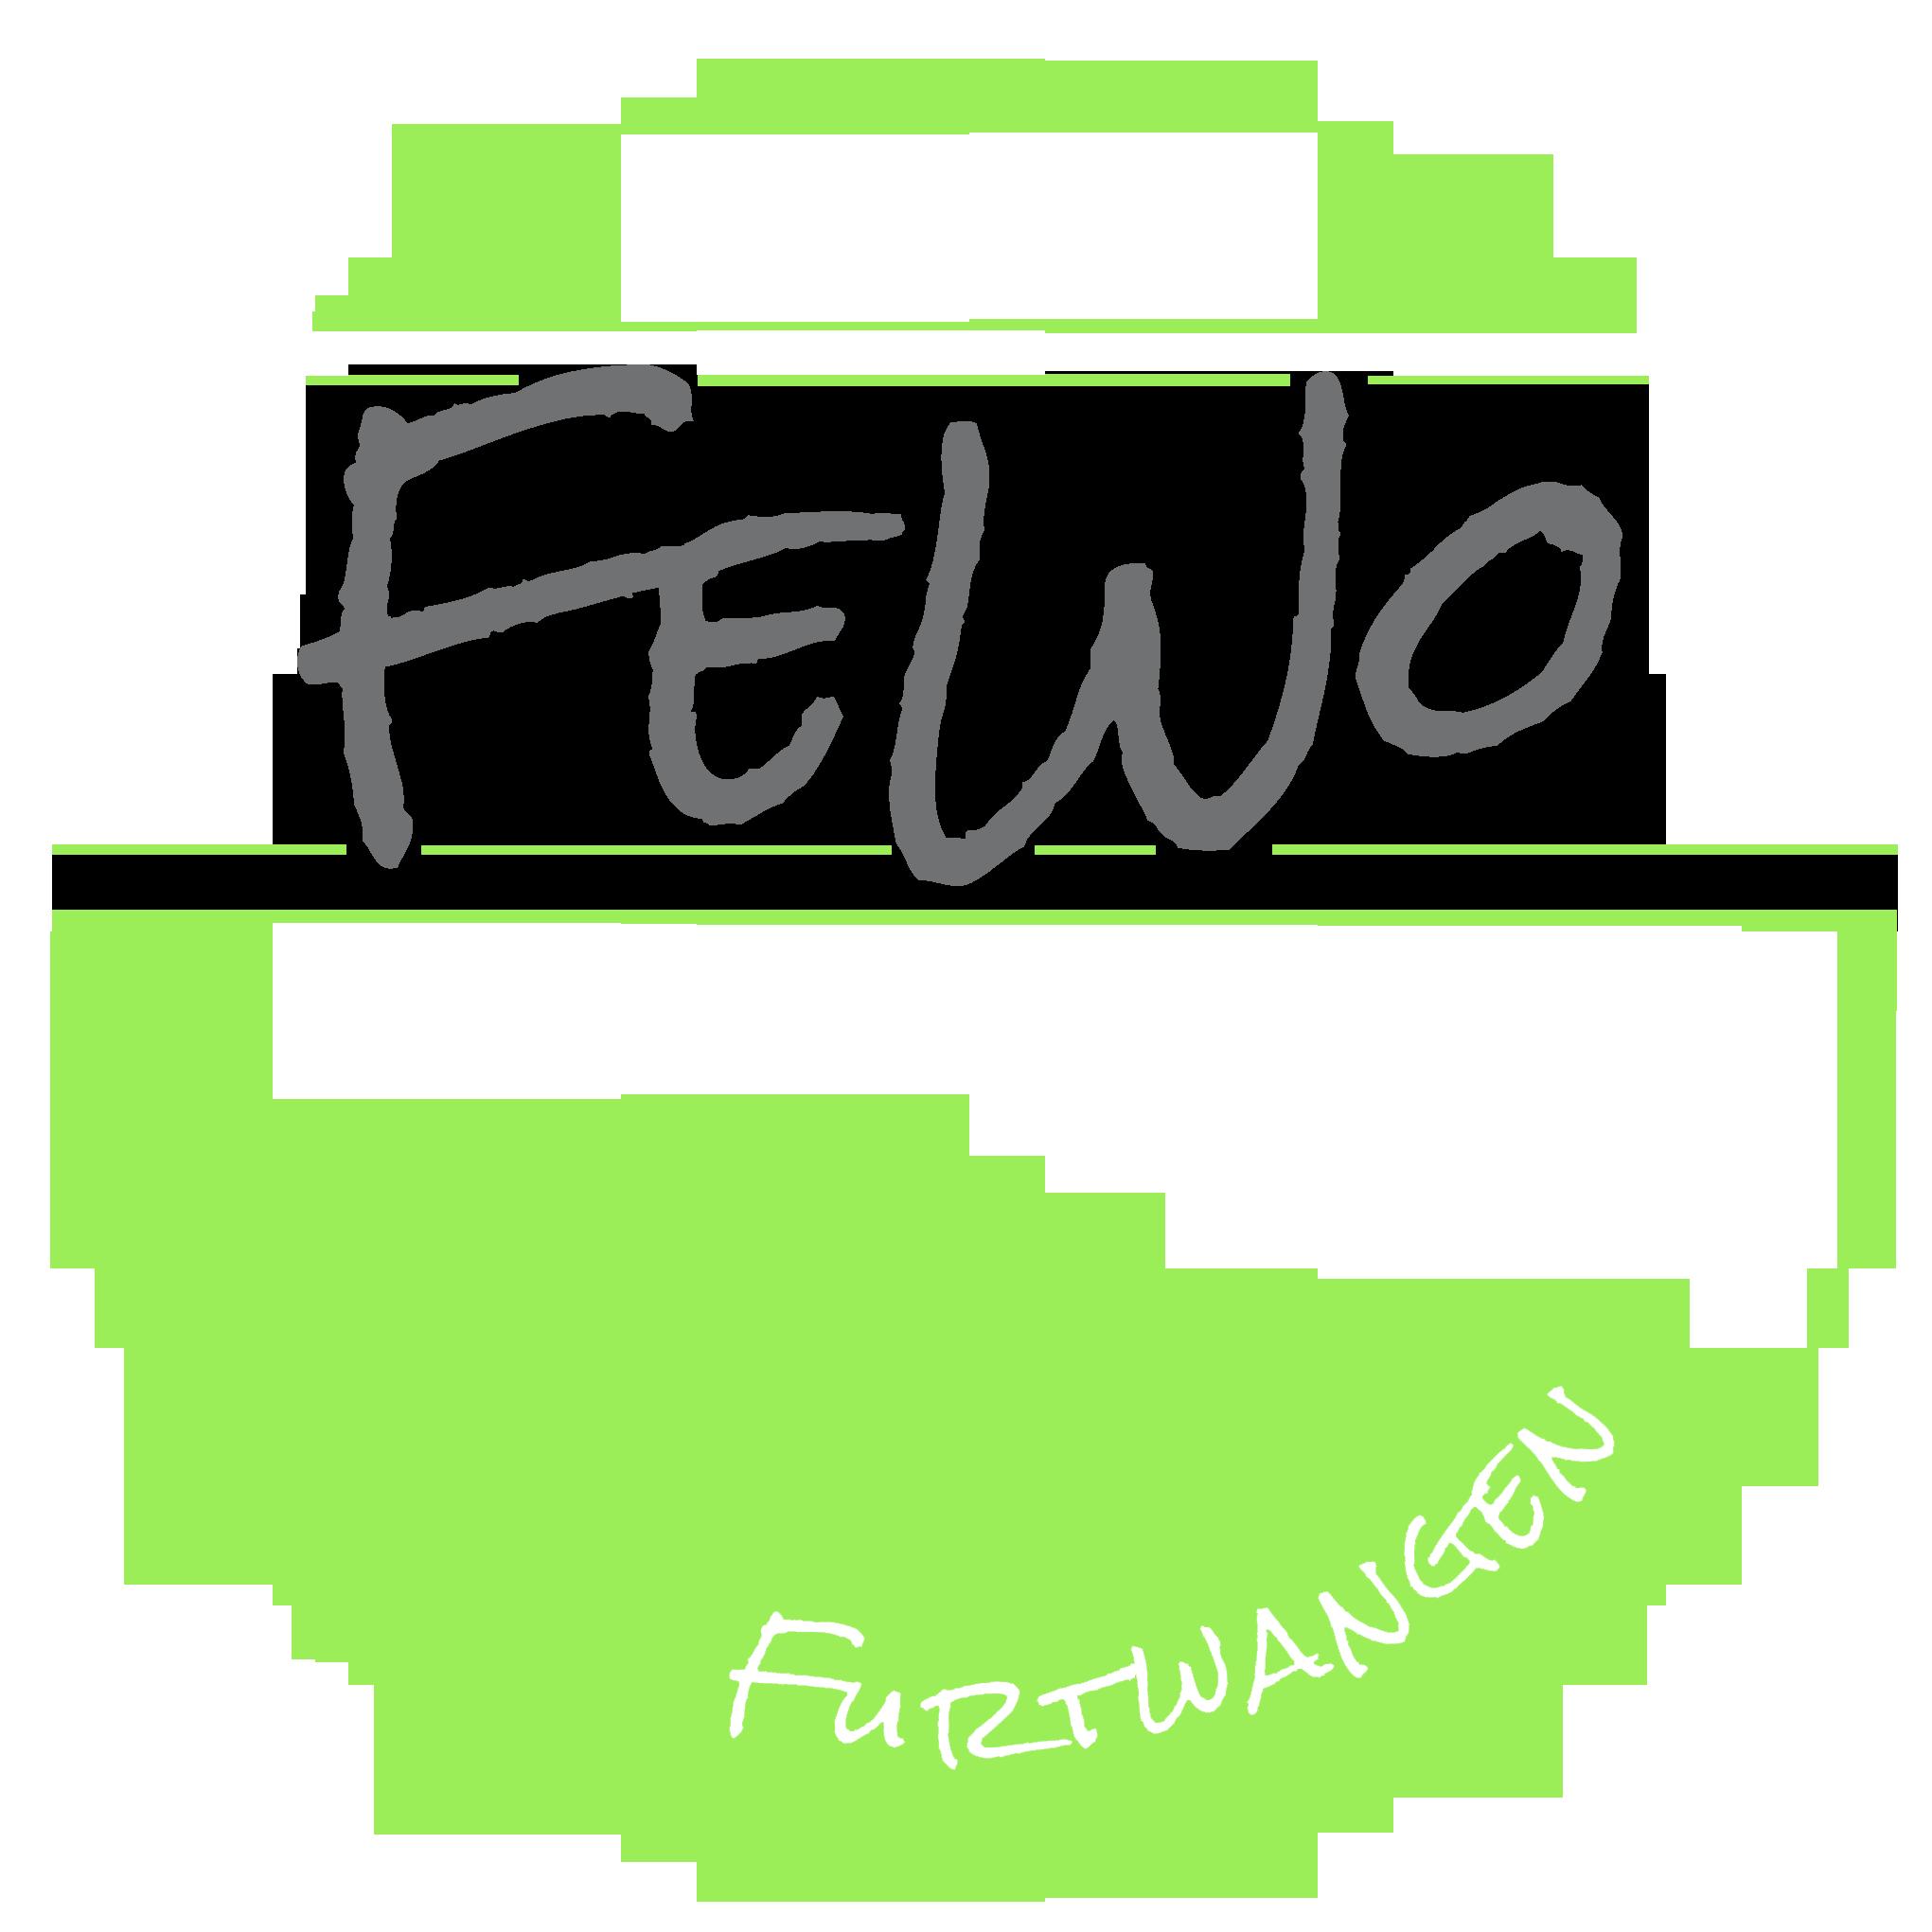 FeWo Furtwangen